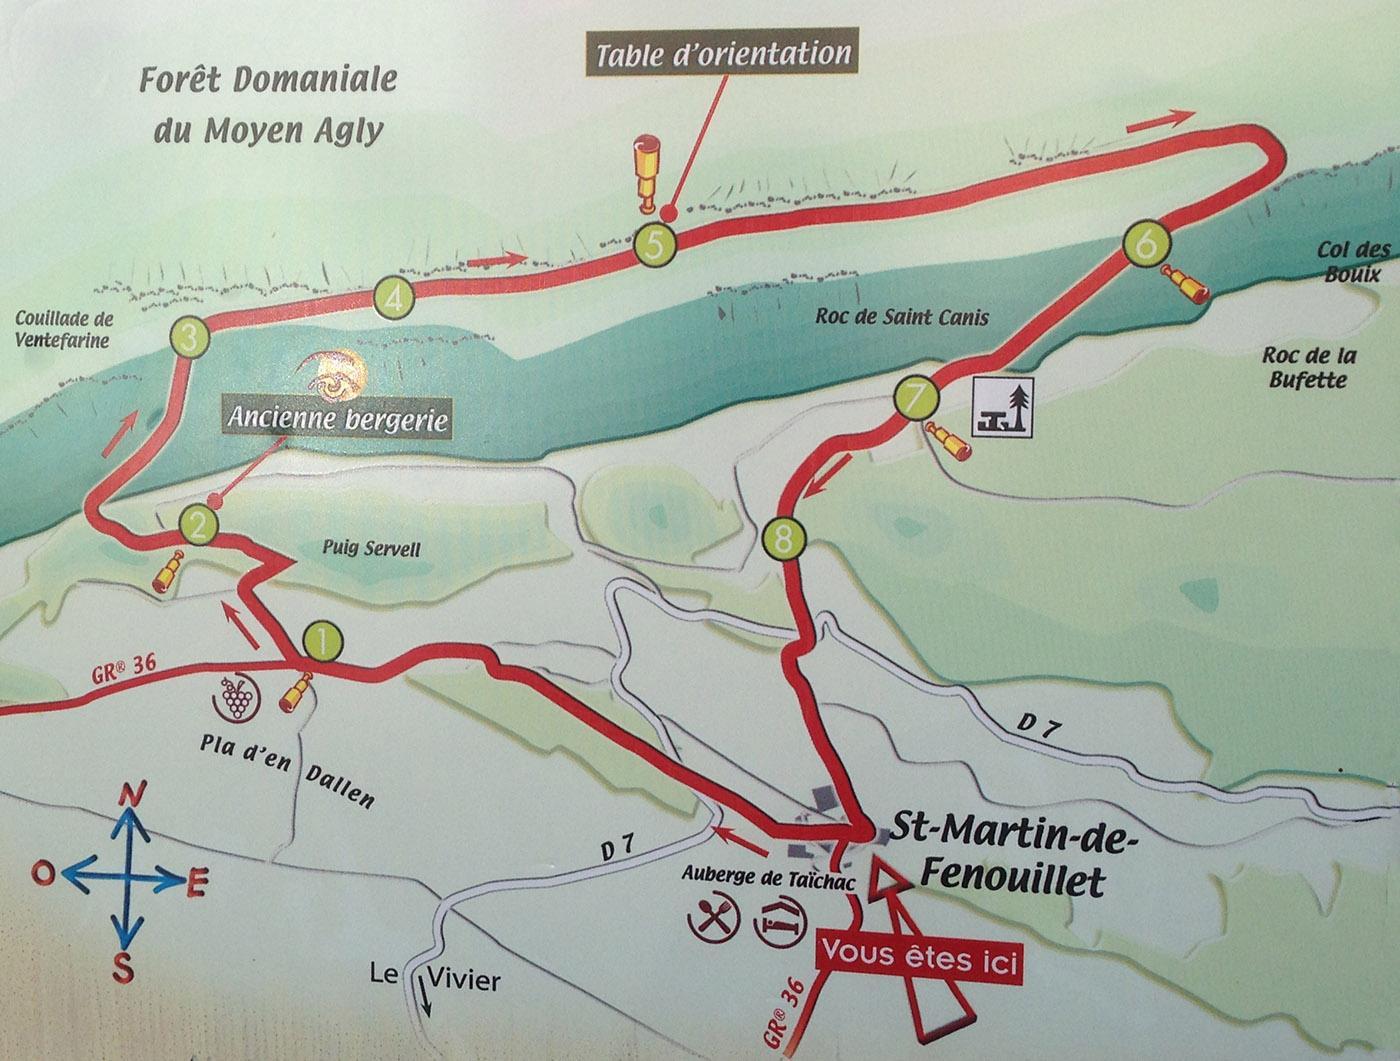 St-Martin-de-Fenouillet, Wanderkarte Sentier de Taichac. Foto: Hilke Maunder